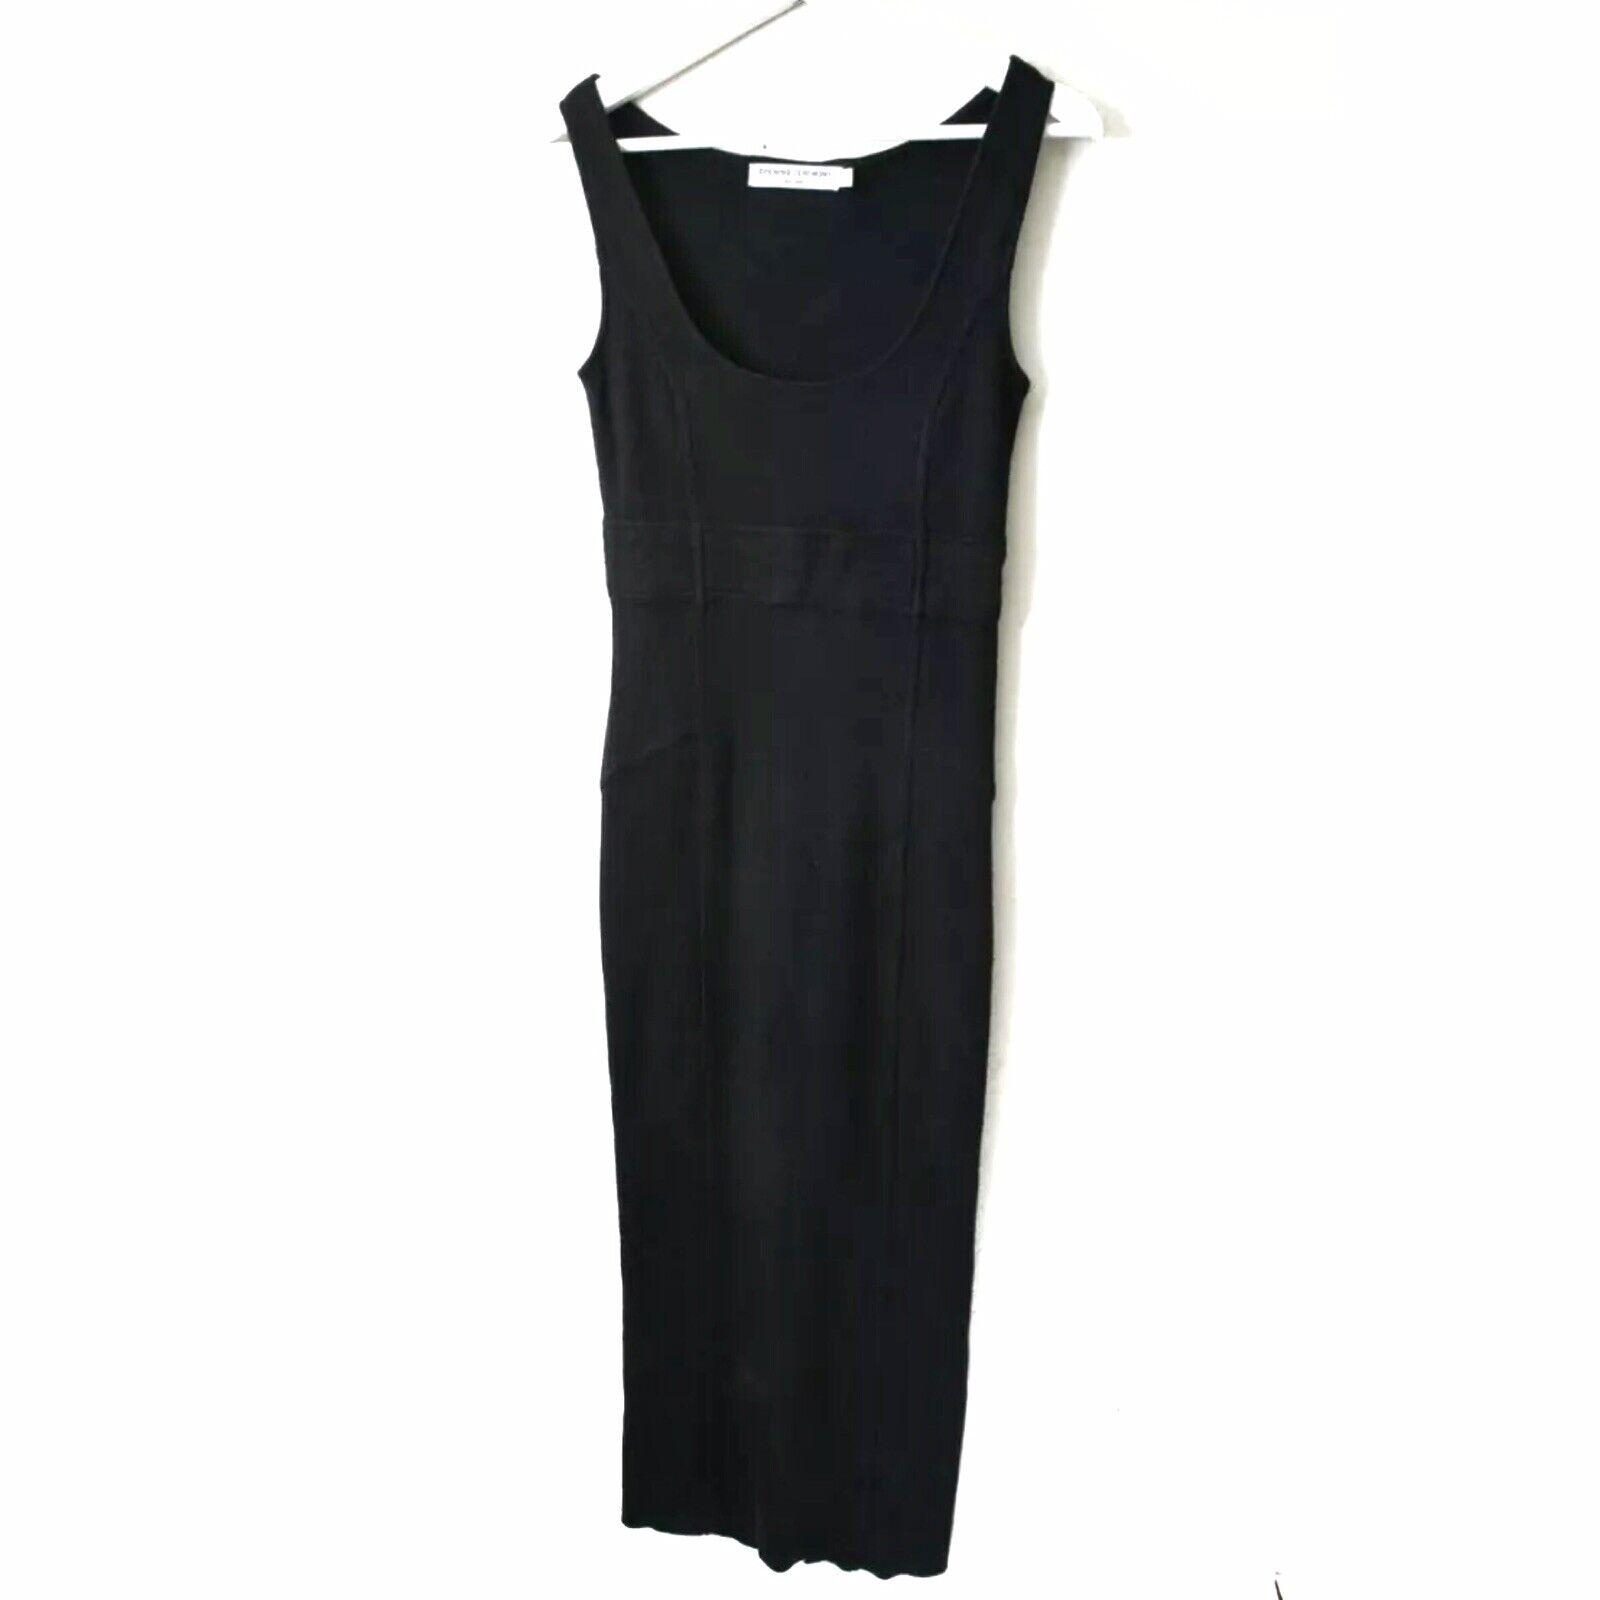 OPENING CEREMONY sz S schwarz Sleeveless Sweater Body Con Long Maxi Dress flaw